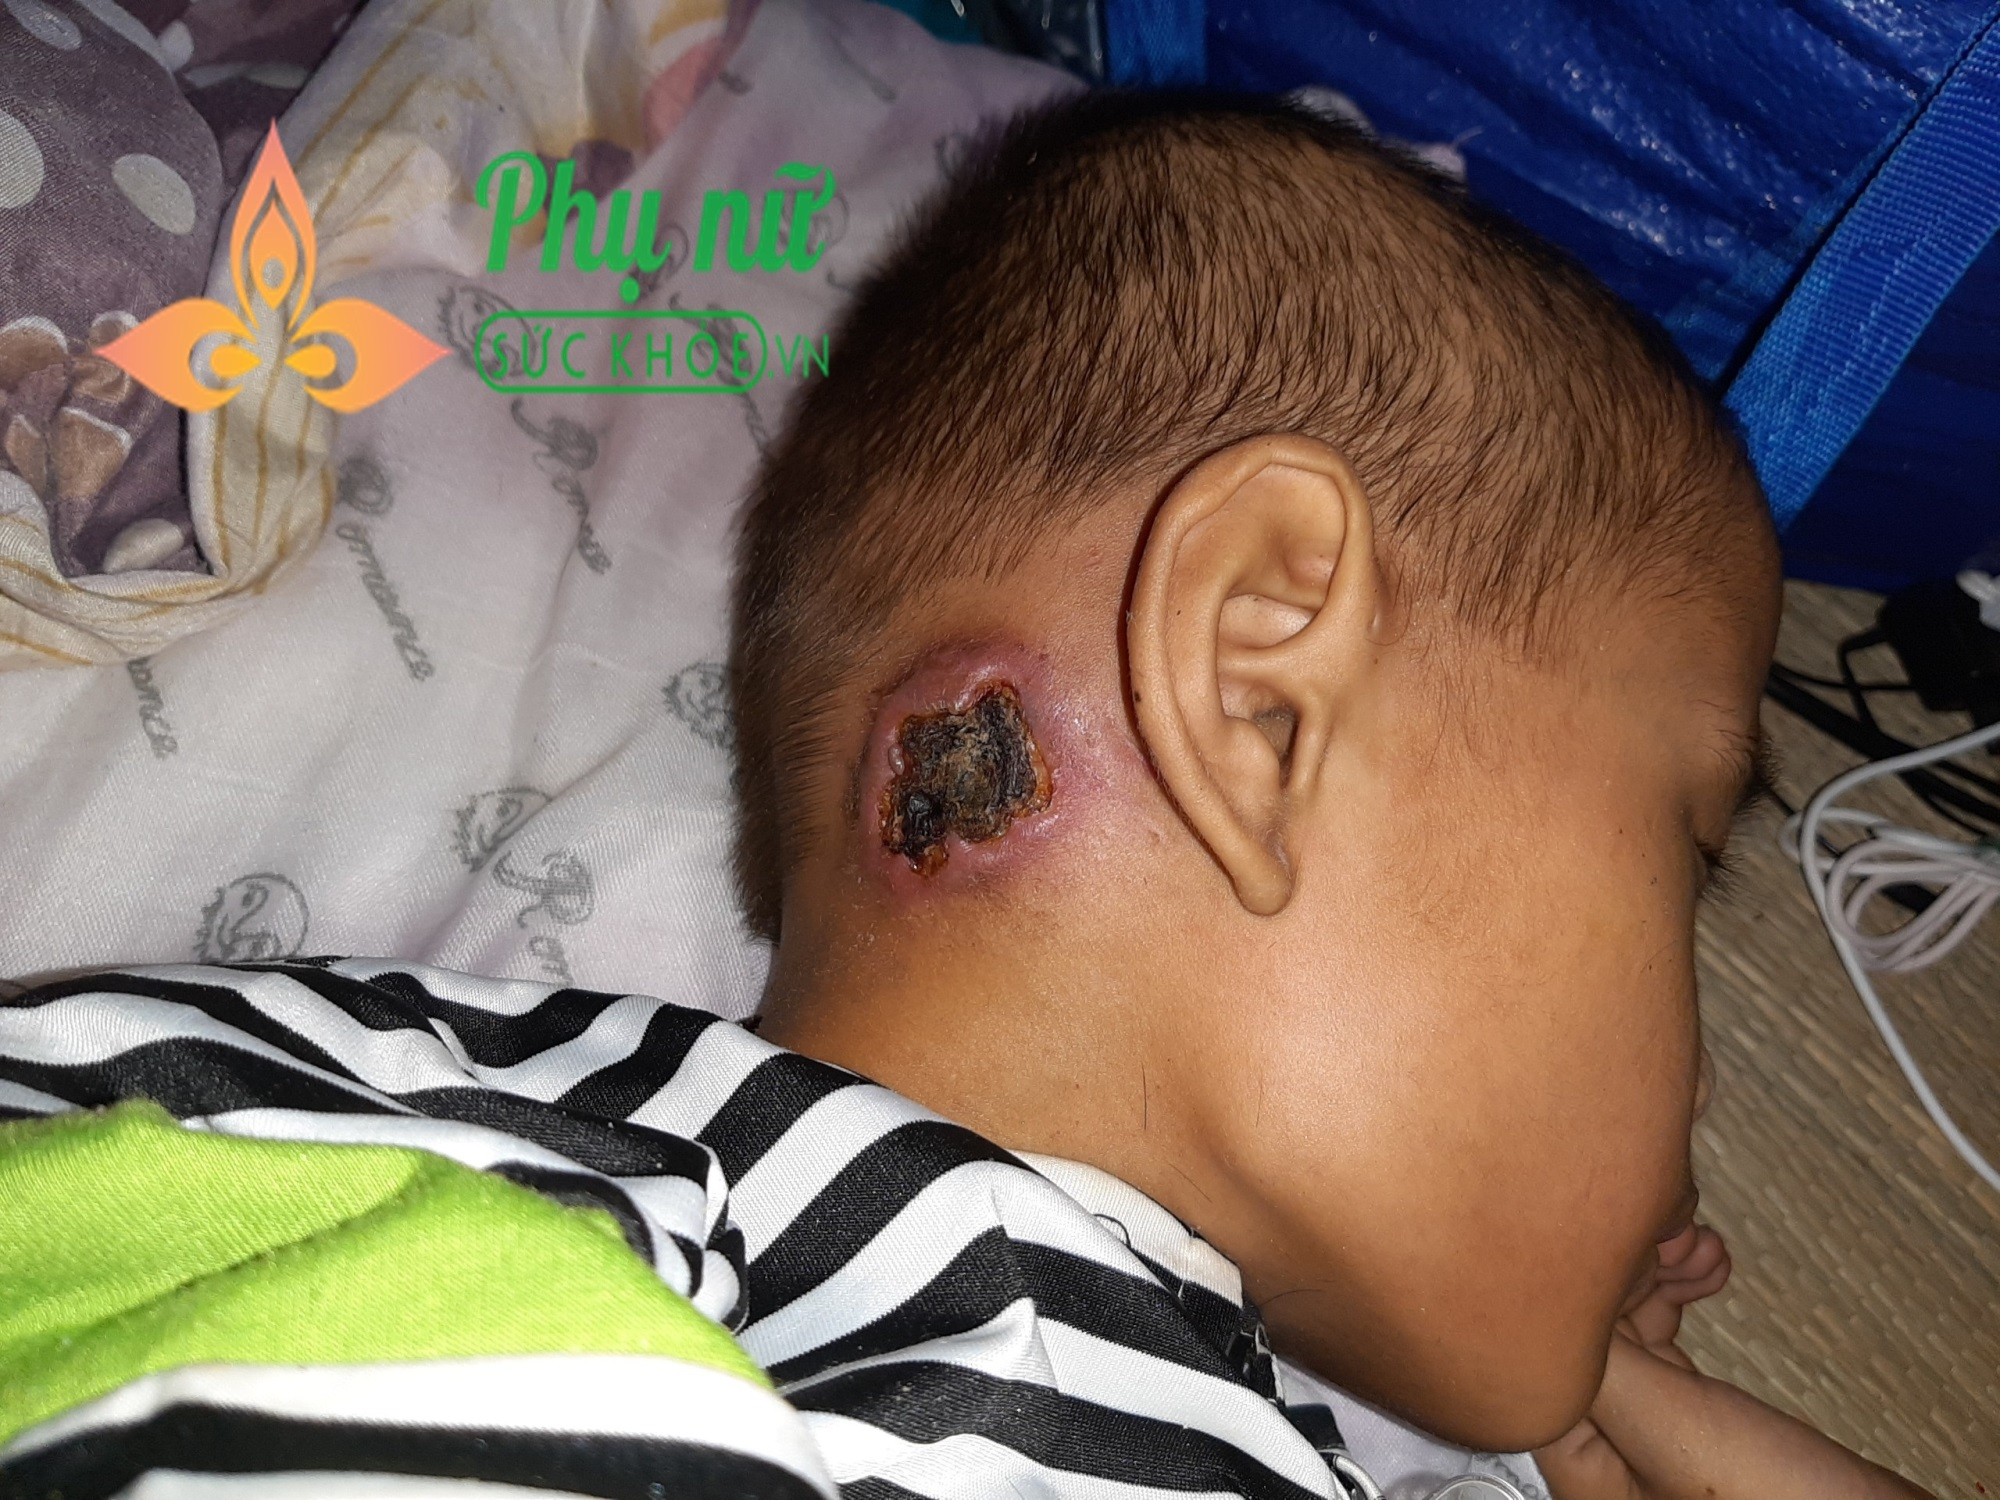 Xót xa bé trai bị bệnh ung thư xương, khắp người lở loét, oằn mình đau đớn chiến đấu với bệnh tật - Ảnh 4